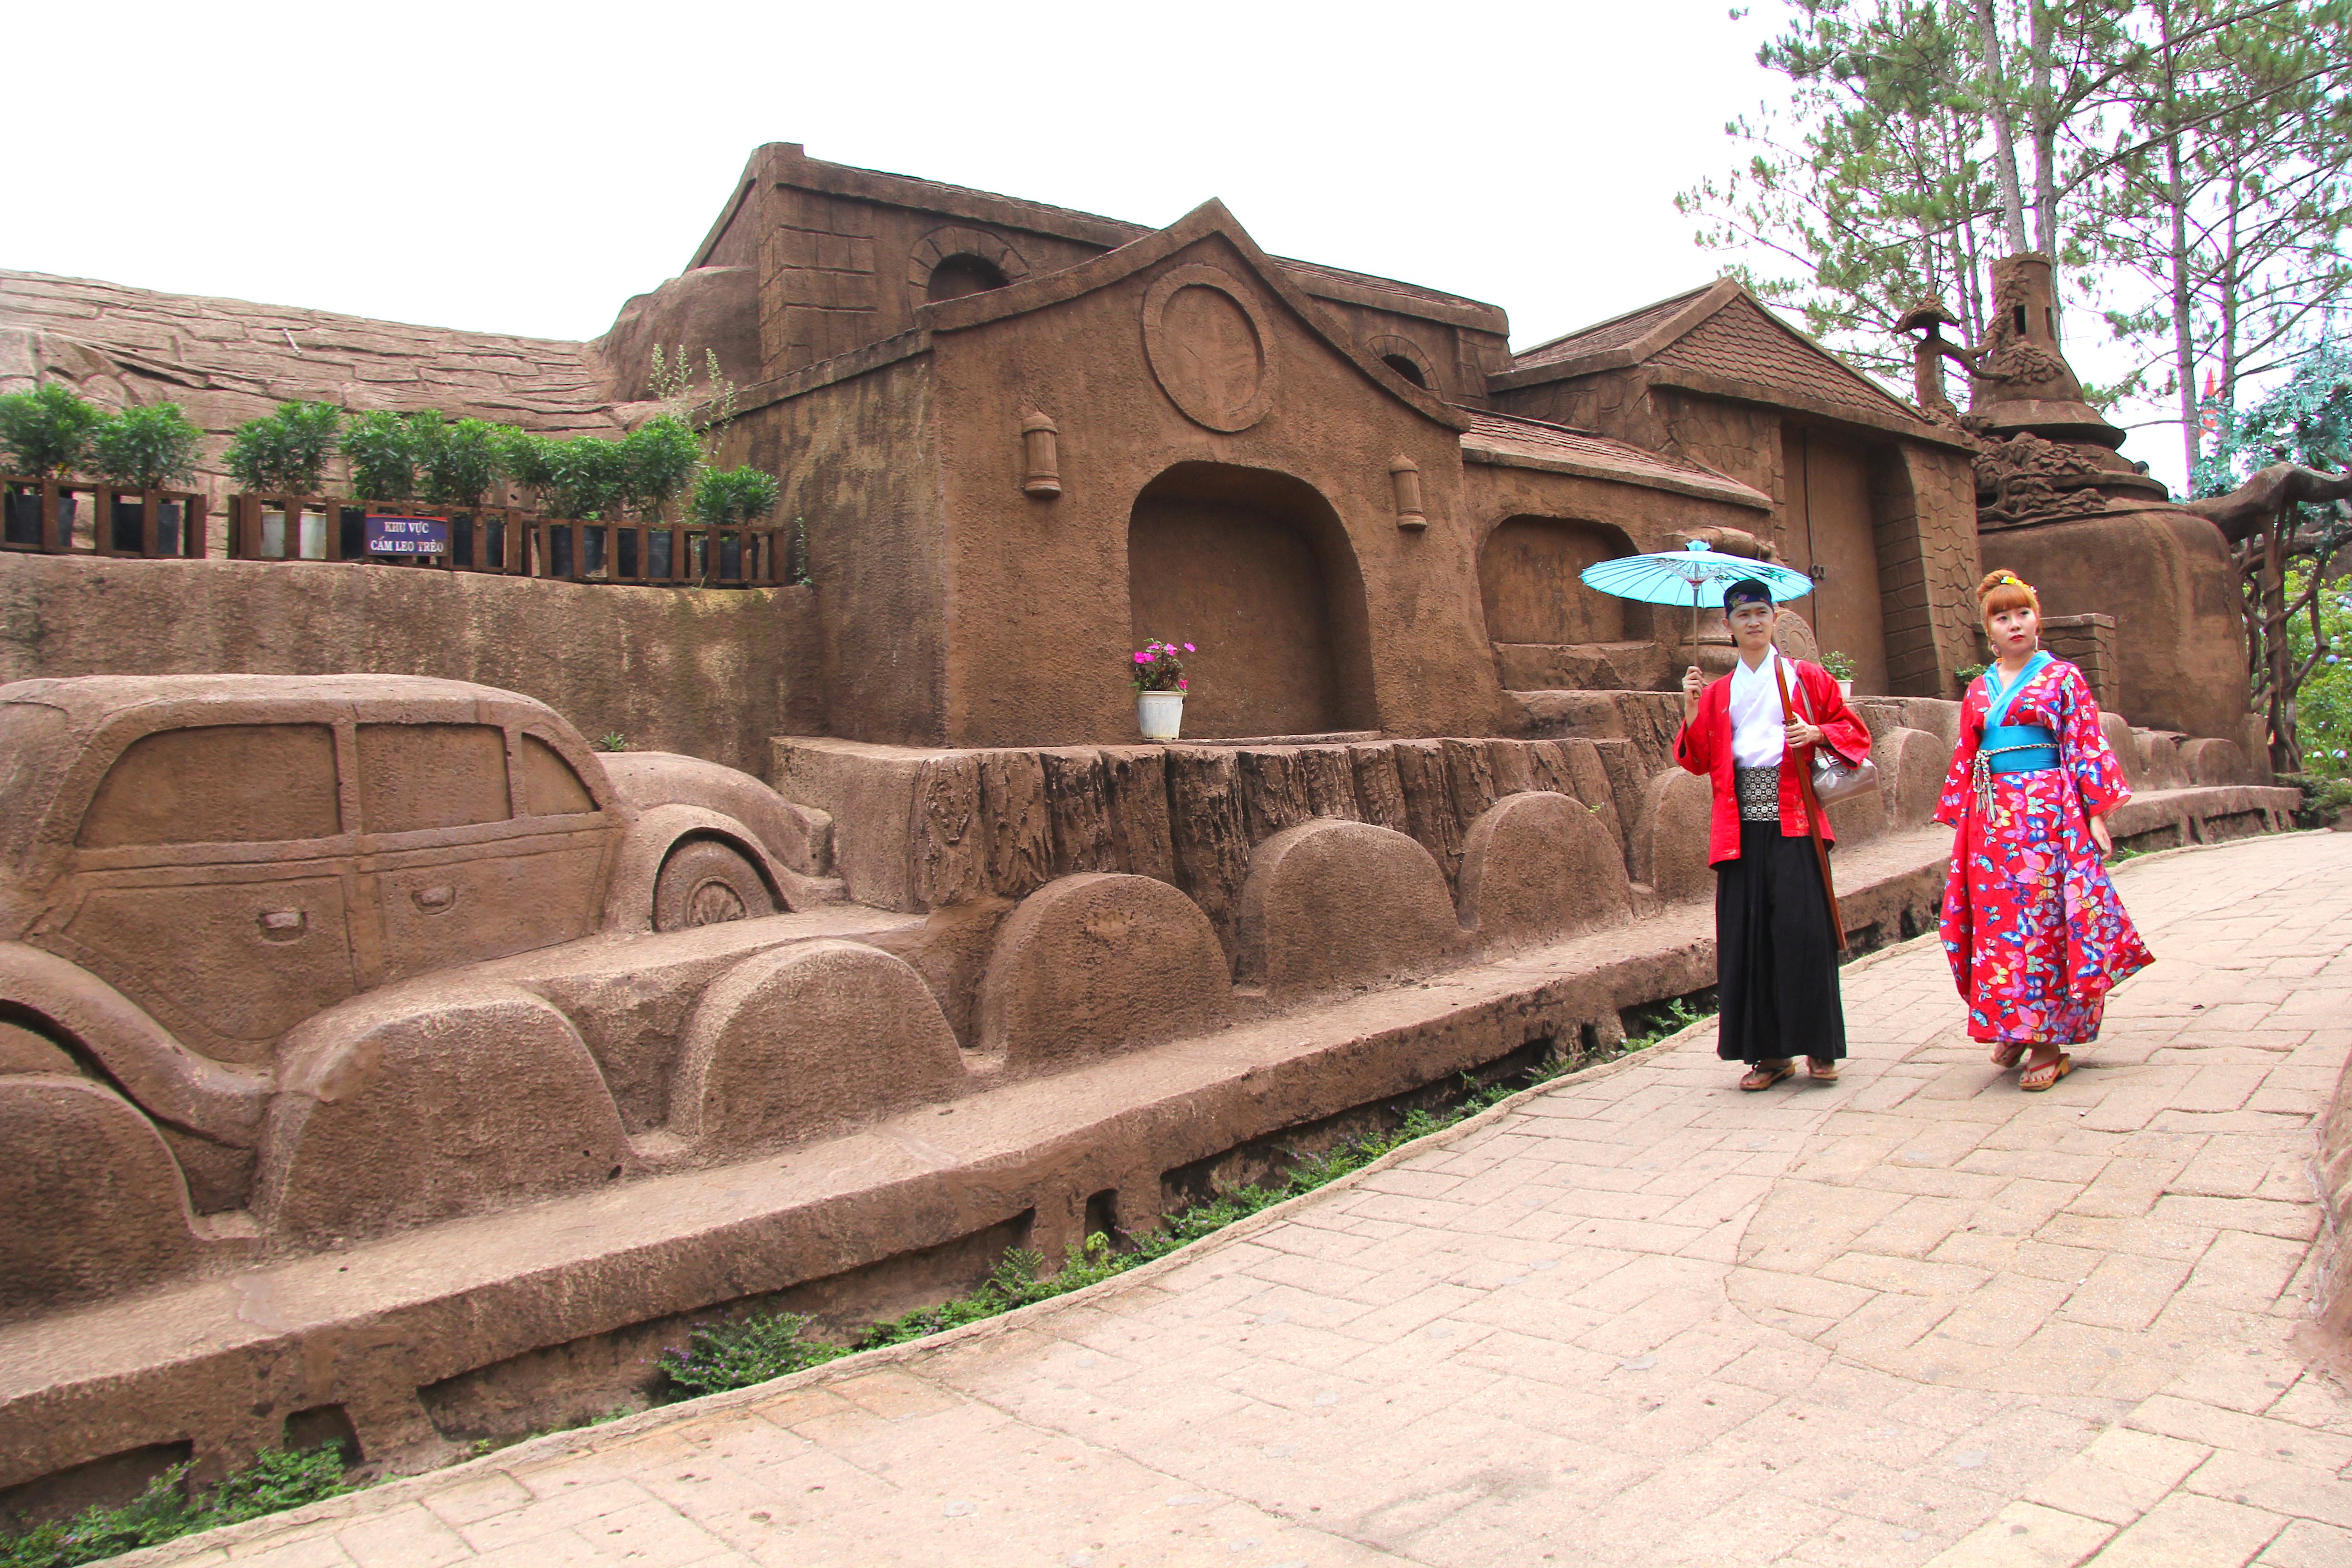 Clay tunnel in the Dalat